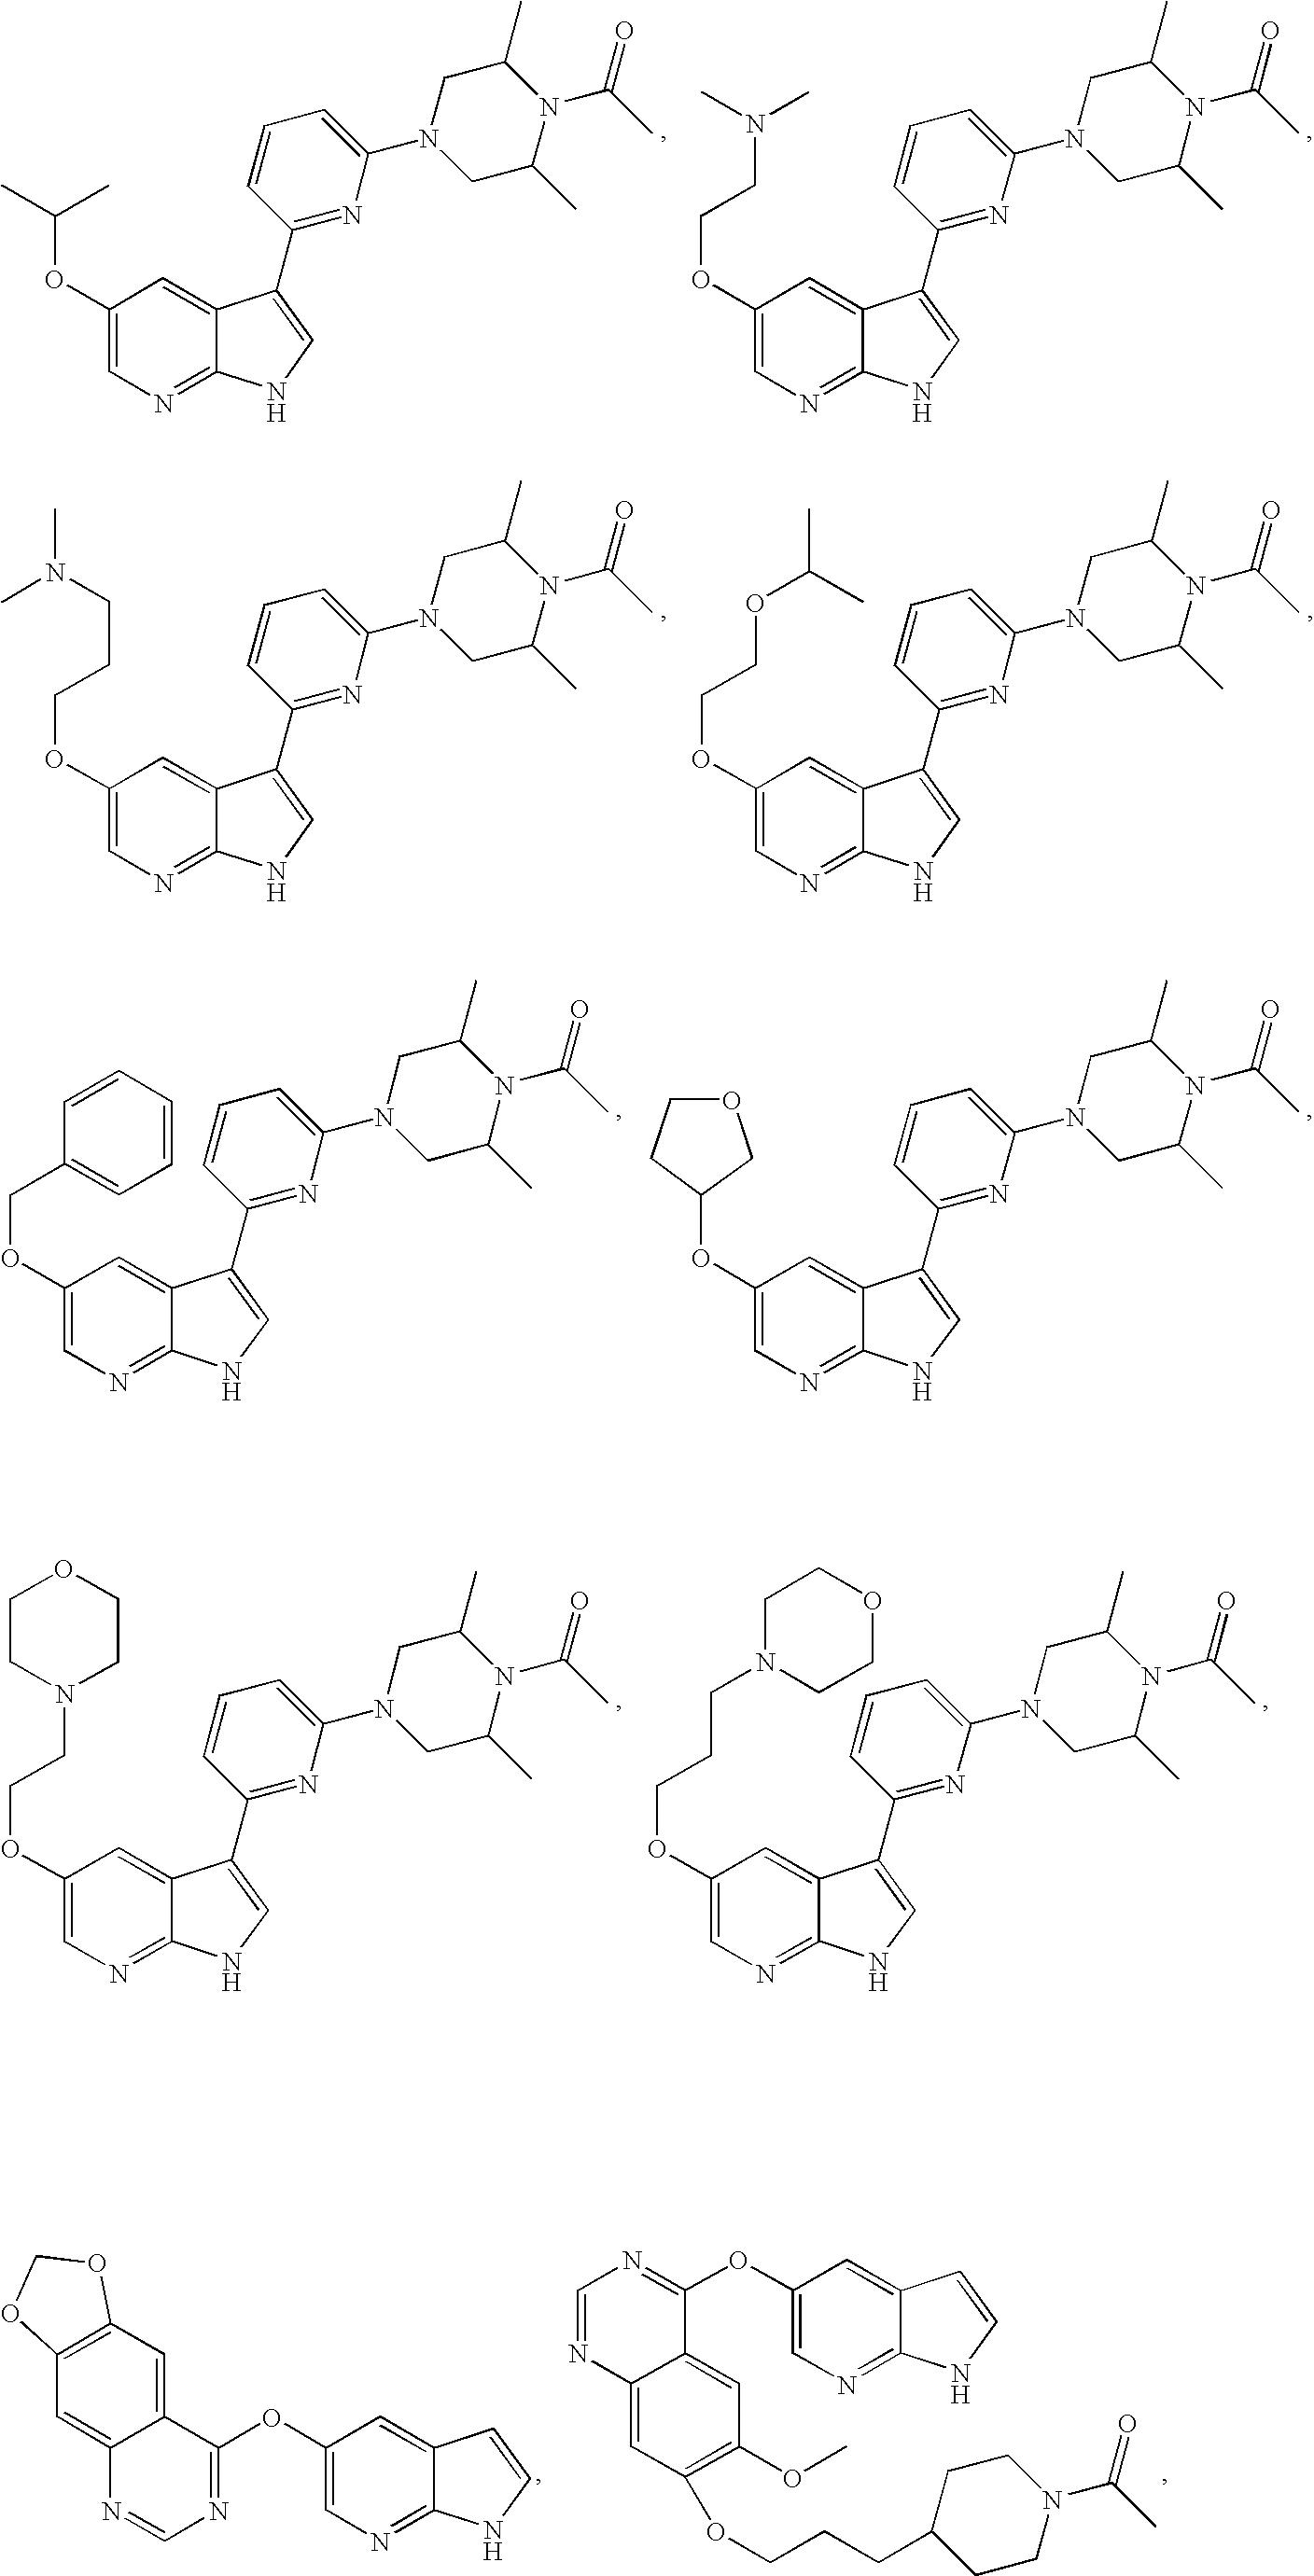 Figure US20080188514A1-20080807-C00010